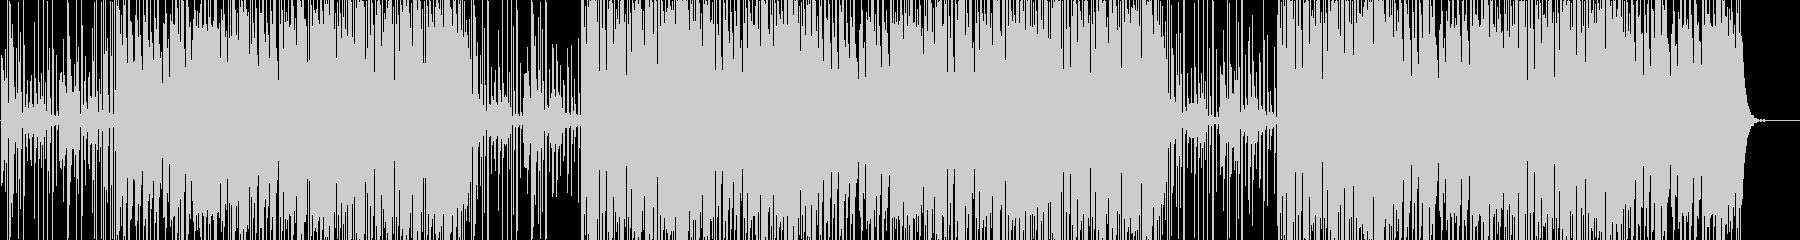 シカゴのドリルスタイル Trap ビートの未再生の波形